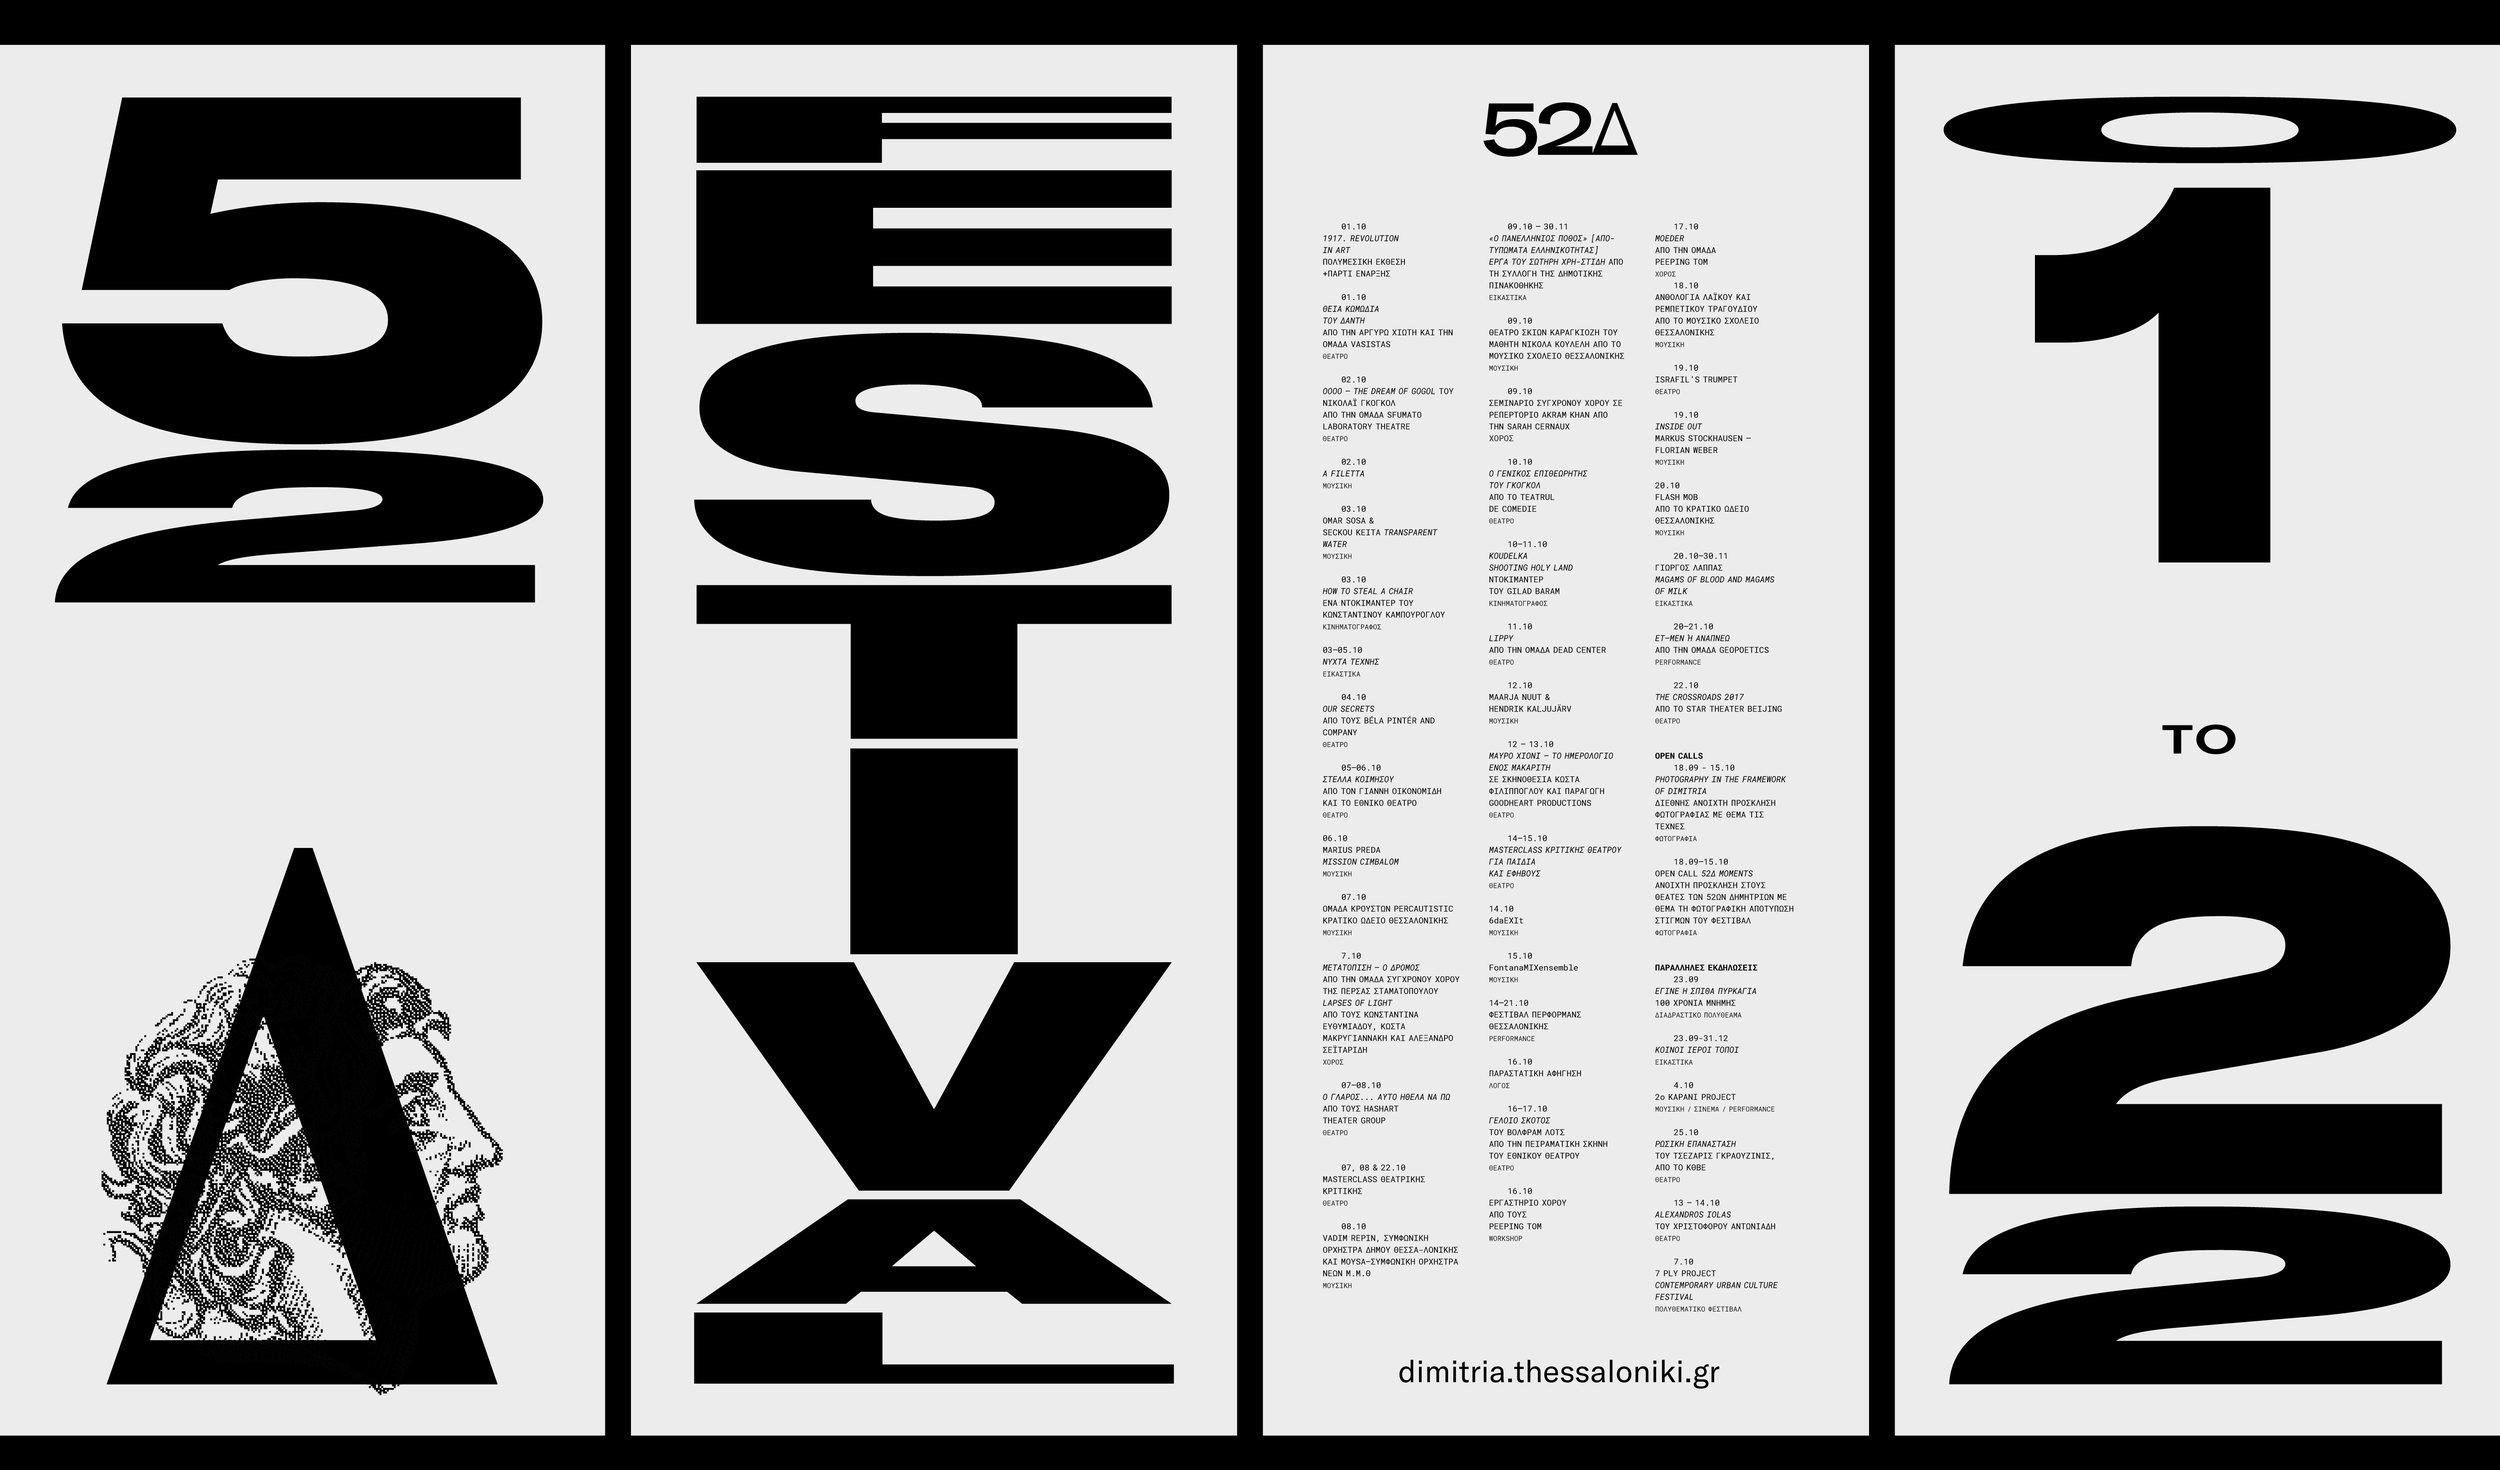 New Studio Dimitria Festival Visual Identity Design, Greece